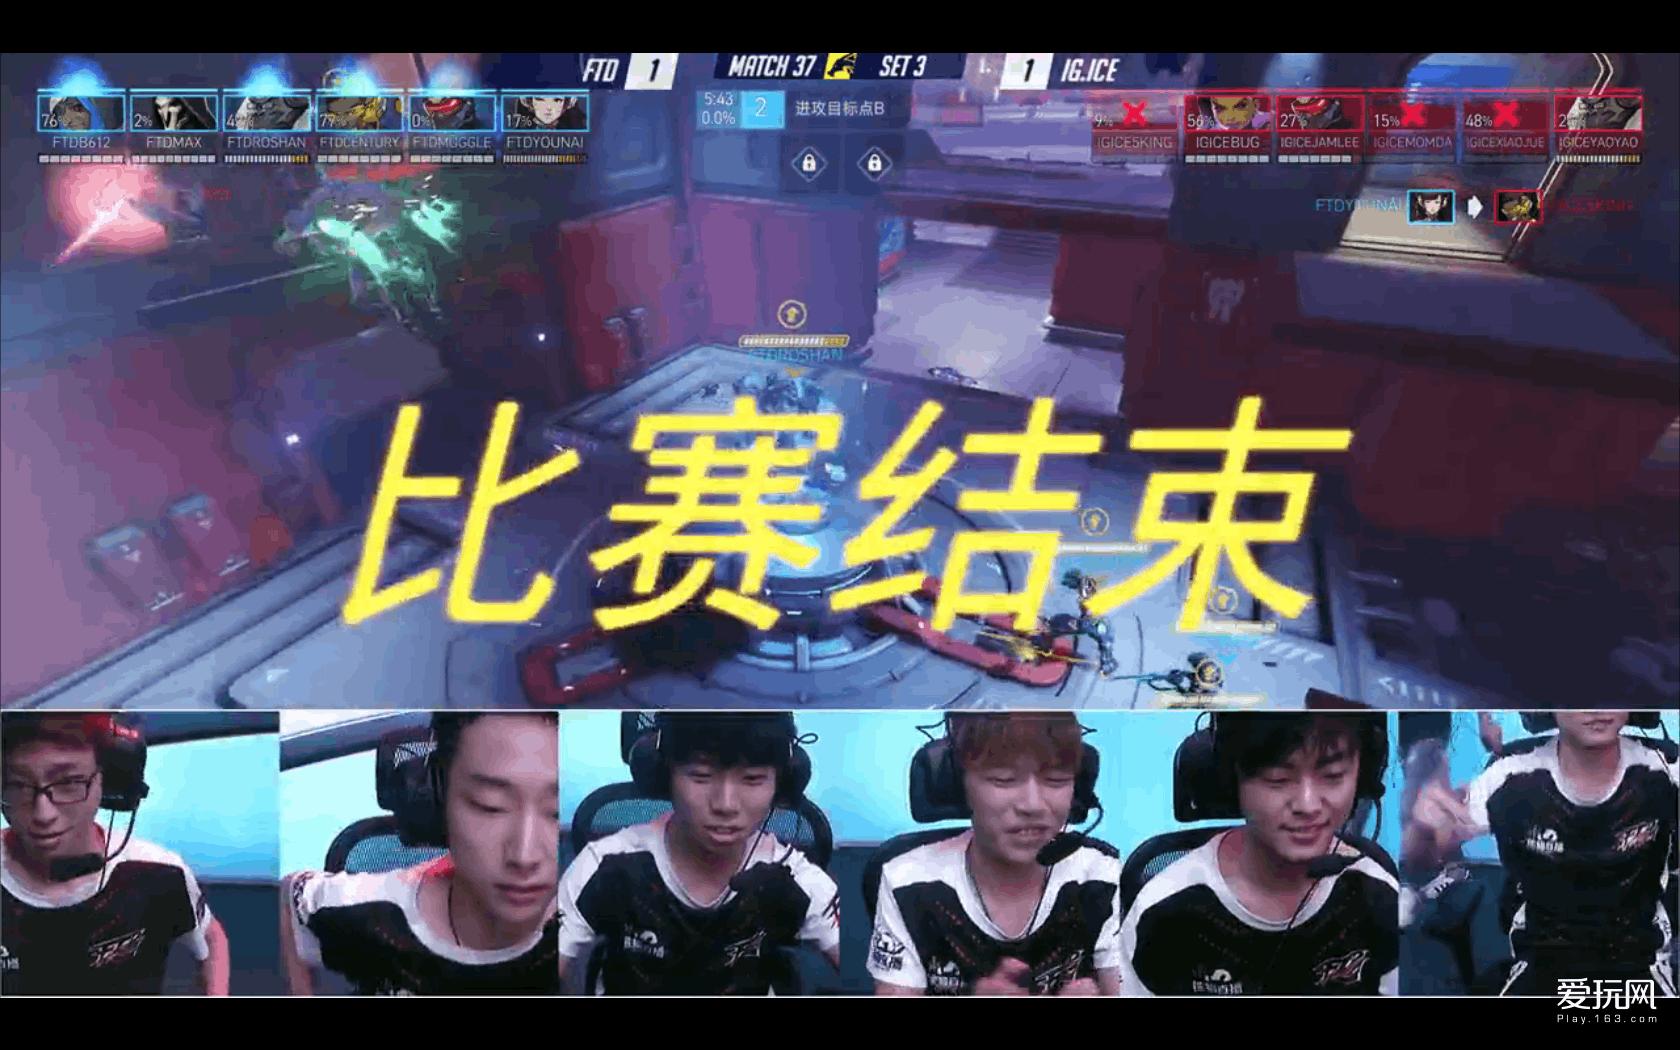 守望先锋OWPS联赛:LF四连胜,iCE不敌FTD